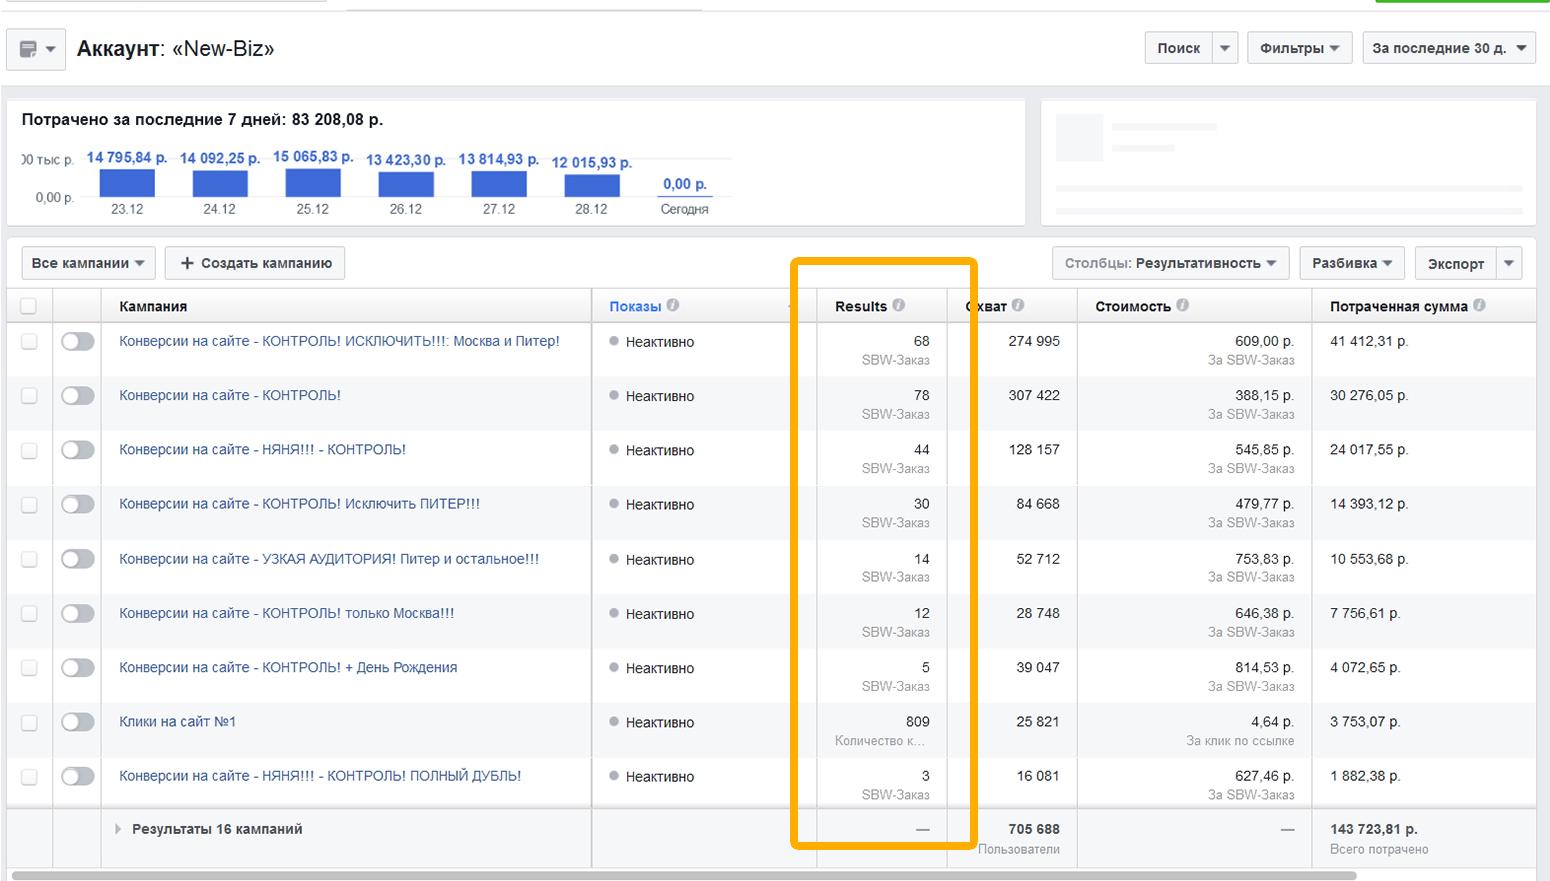 Вариант формирования отчета в менеджере рекламы Фейсбук, для оценки стоимости конверсий и количества продаж по рекламной кампании.